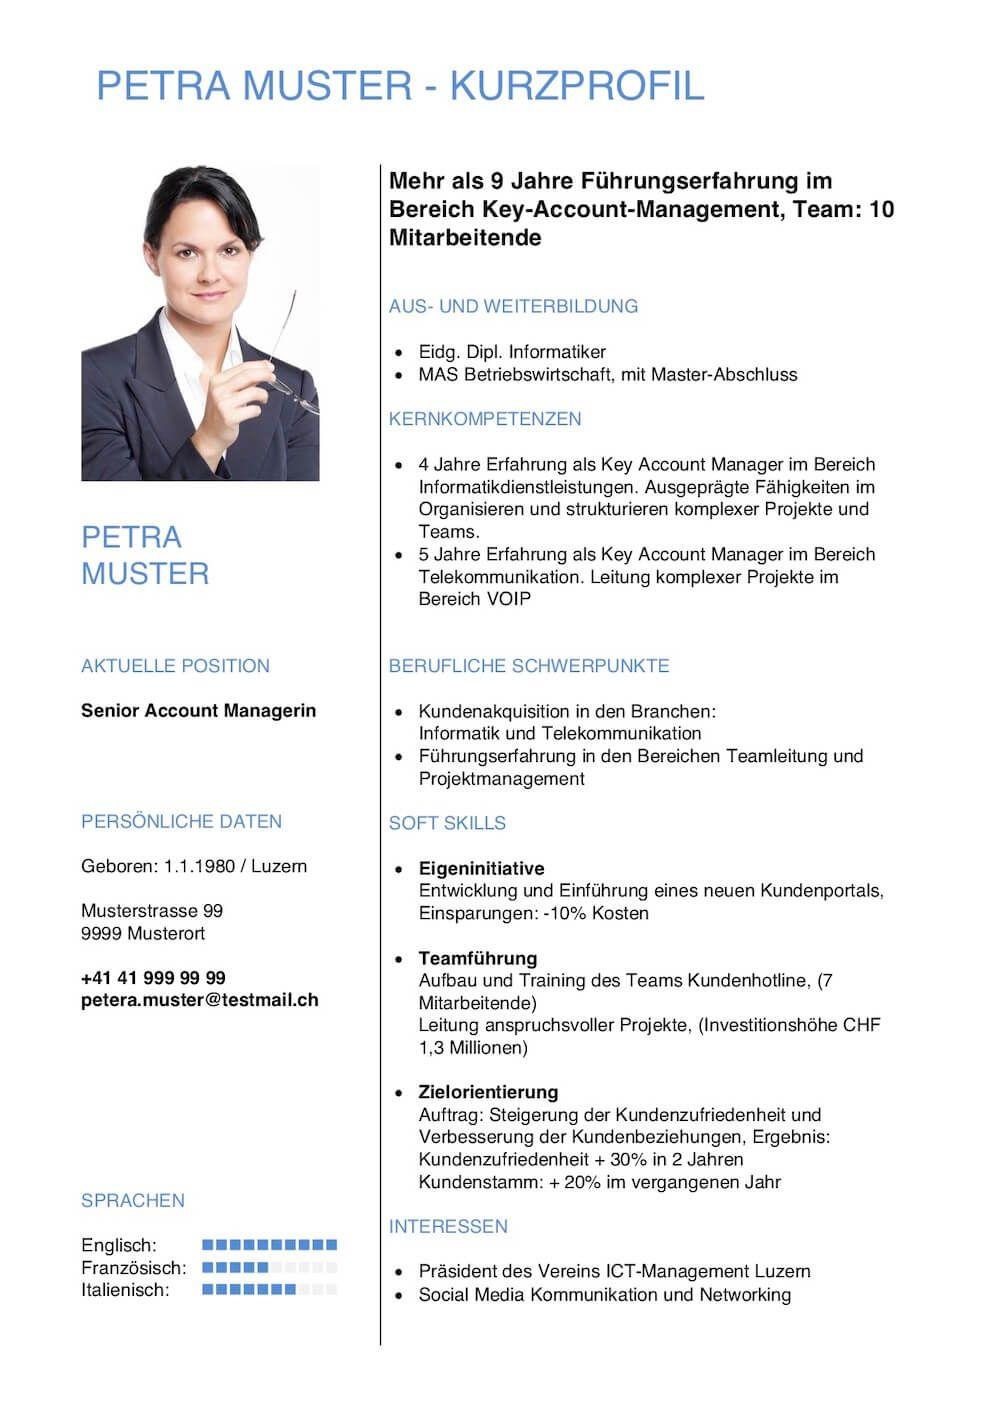 Lebenslauf Vorlage Klassisch Modern 11 Kostenlose Lebenslauf Vorlage Schweiz Kurzprofil Beispiele Cv Marketing Vorlagen Muster Schreiben Beisp In 2020 Morris